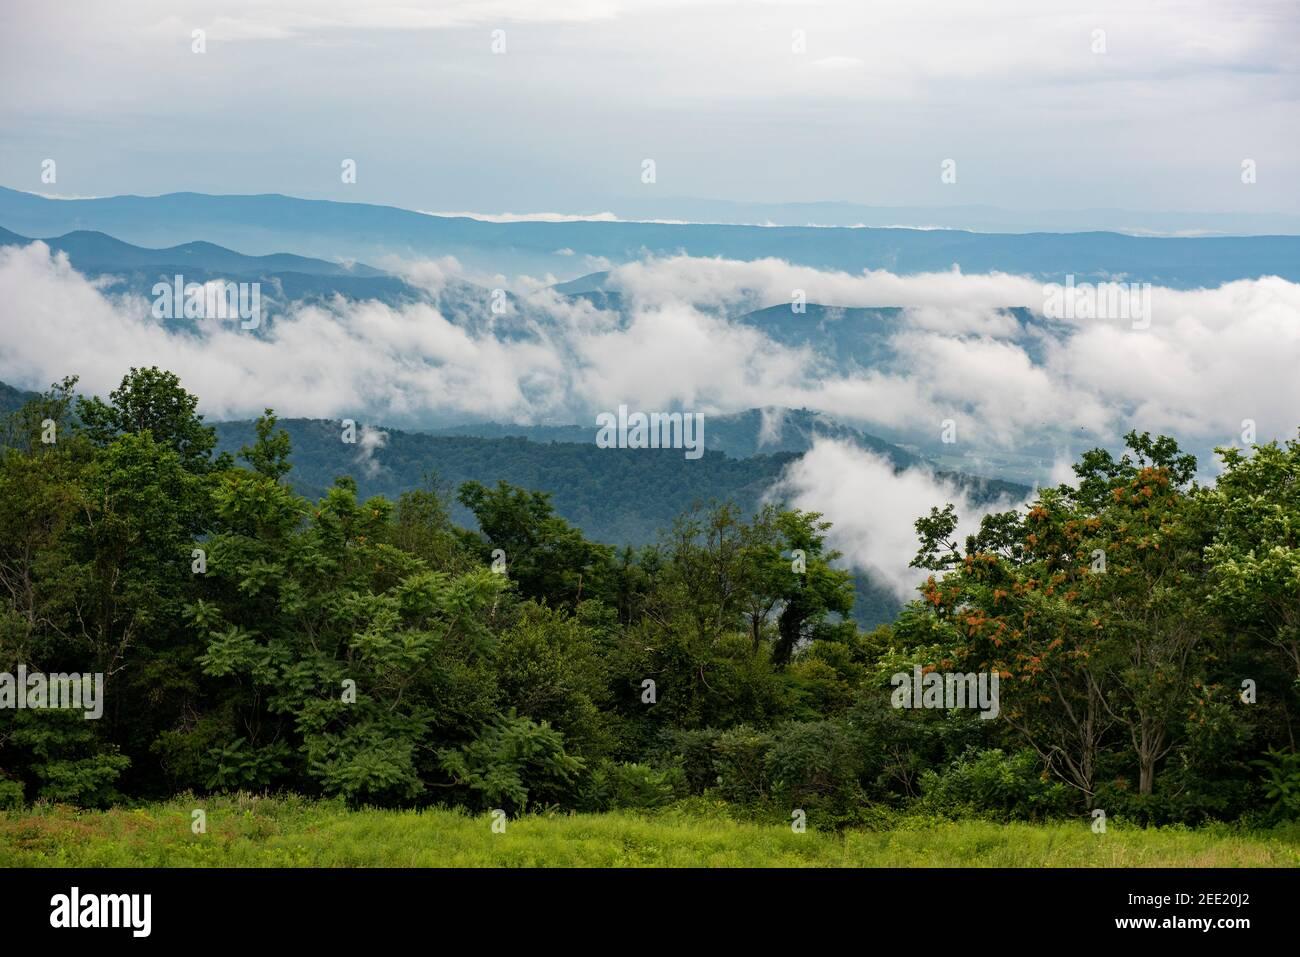 Les clounds survollent les Blue Ridge Mountains, vu depuis Skyline Drive, dans le parc national de Shenandoah. Banque D'Images